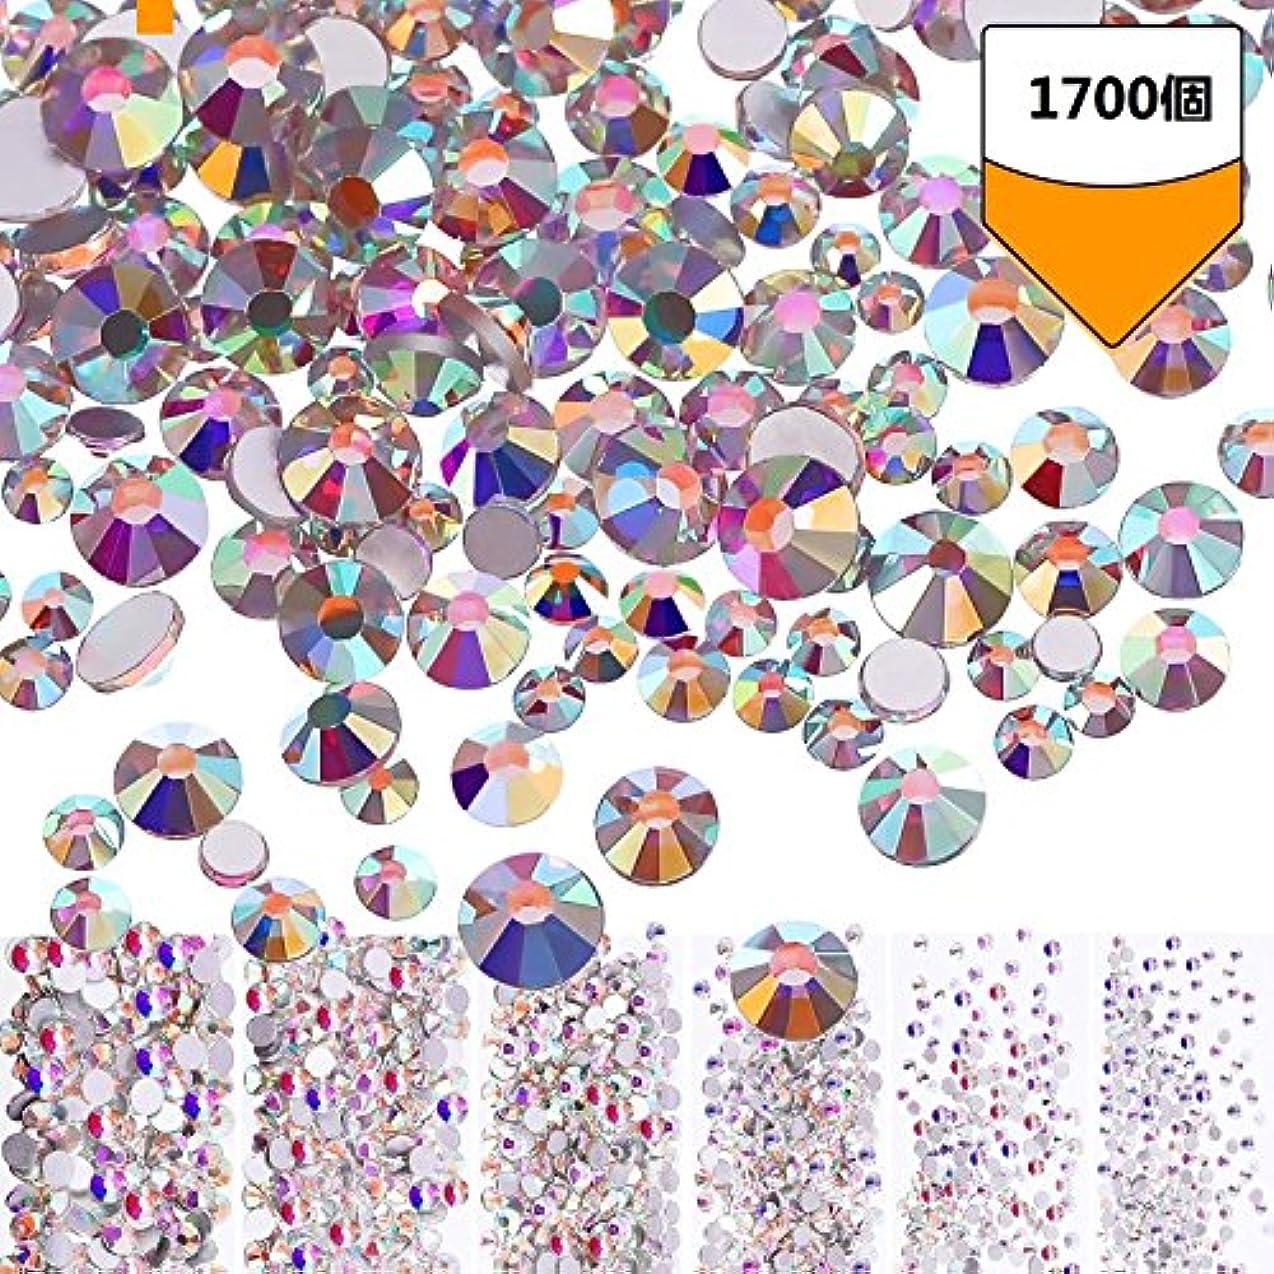 ゴミ箱を空にするファーム腰ラインストーン ネイル デコ ガラスストーン クリスタル 改良 高品質ガラス製ラインストーン(1.6mm-3mm 約1700粒)